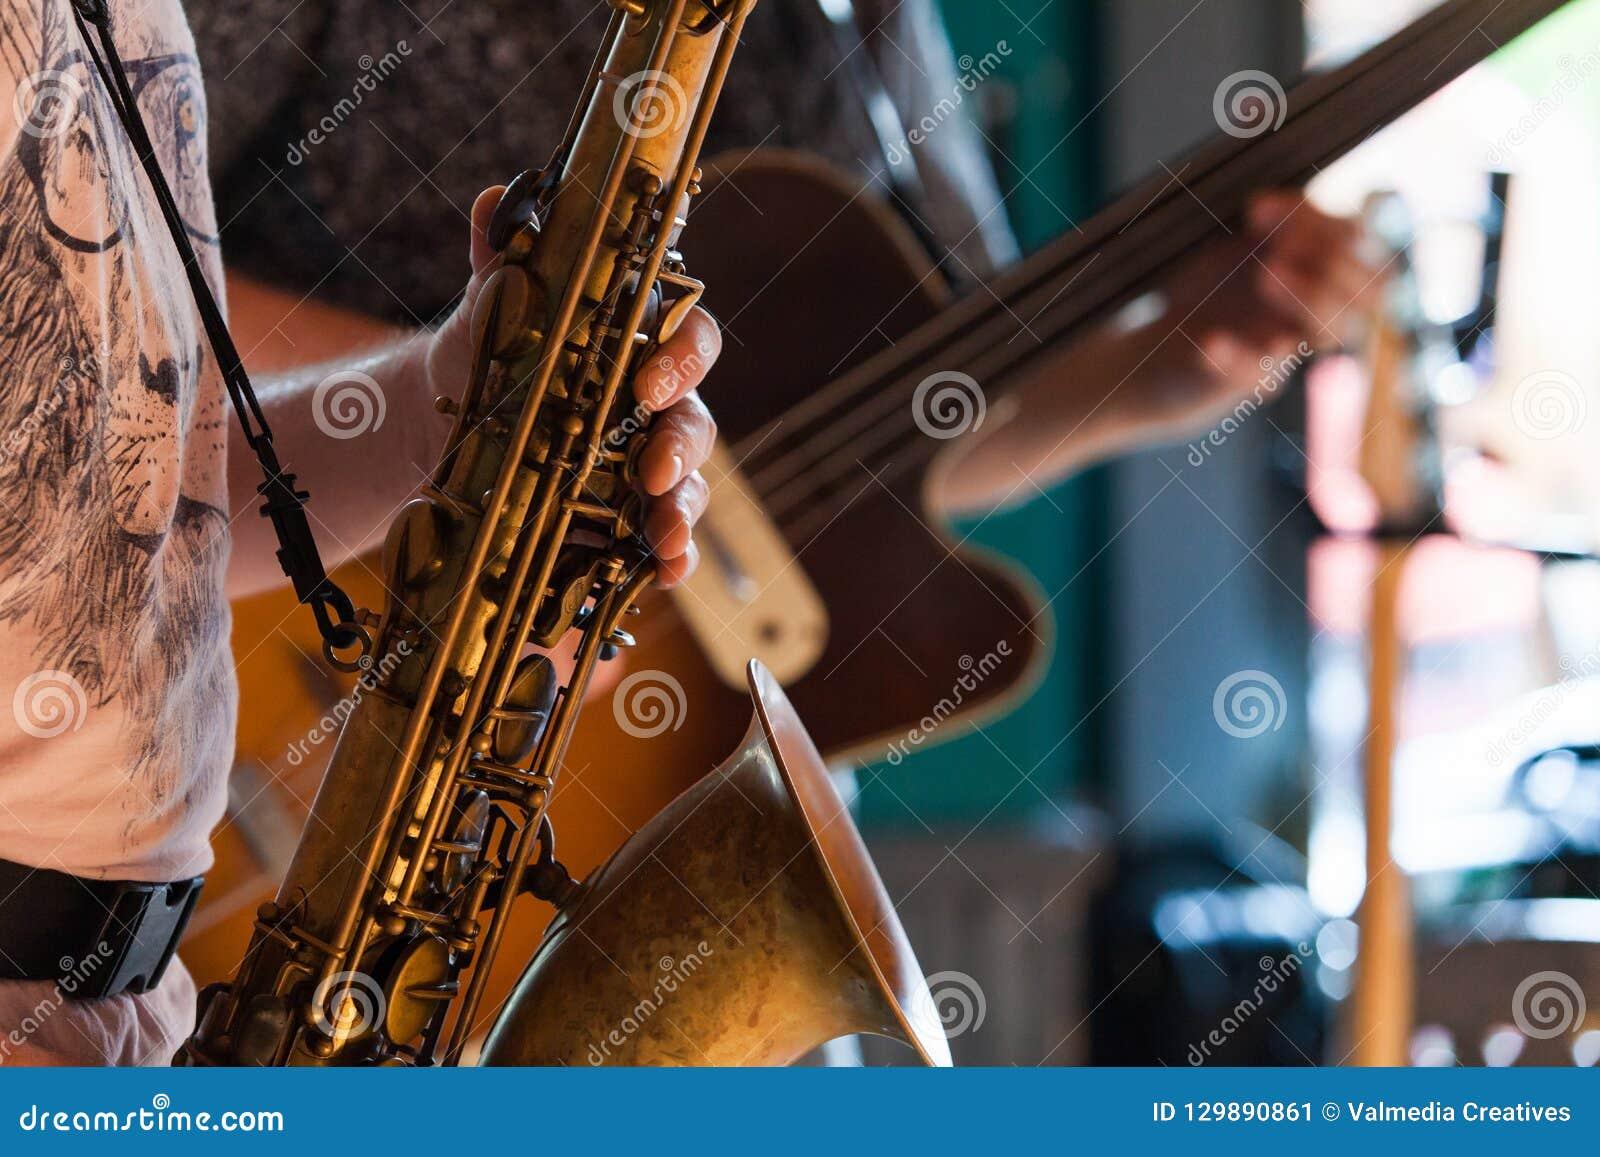 Tenorsaxofonspelaren spelar en jazz solo i en bar